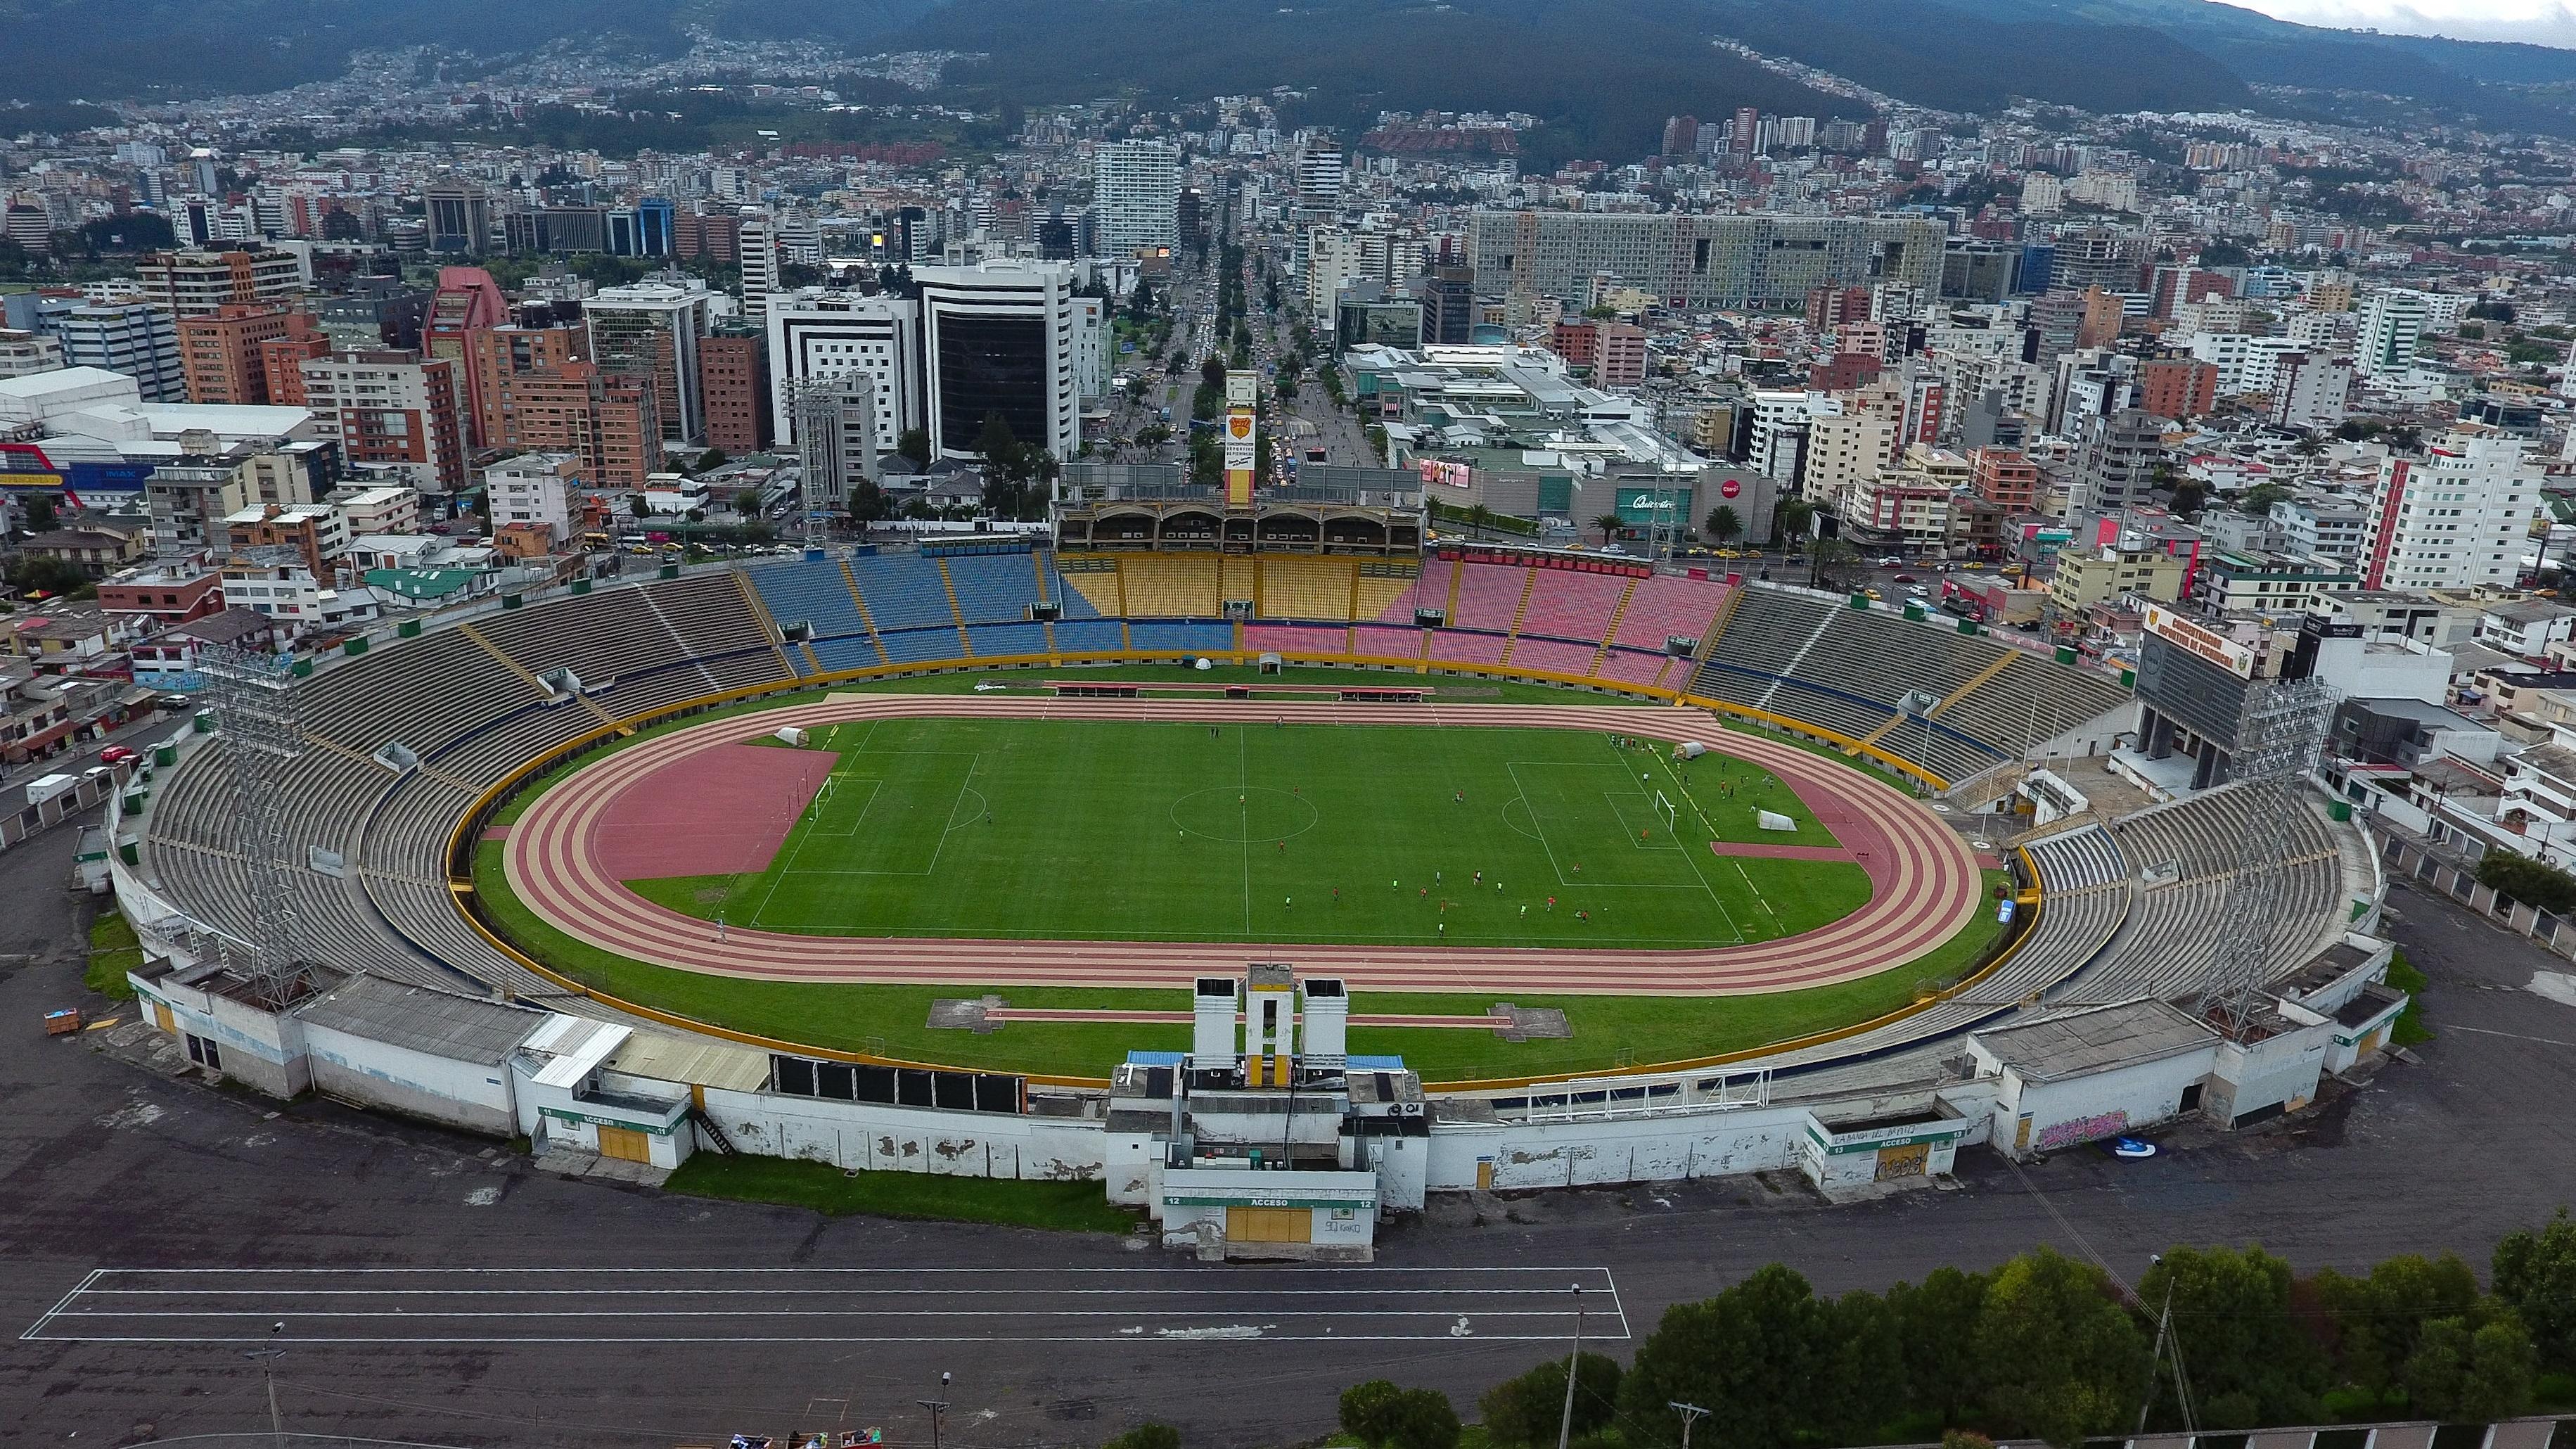 PUESTO 8 - 151 / Estadio Olímpico Atahualpa de Quito, Ecuador (EFE/José Jácome/Archivo)